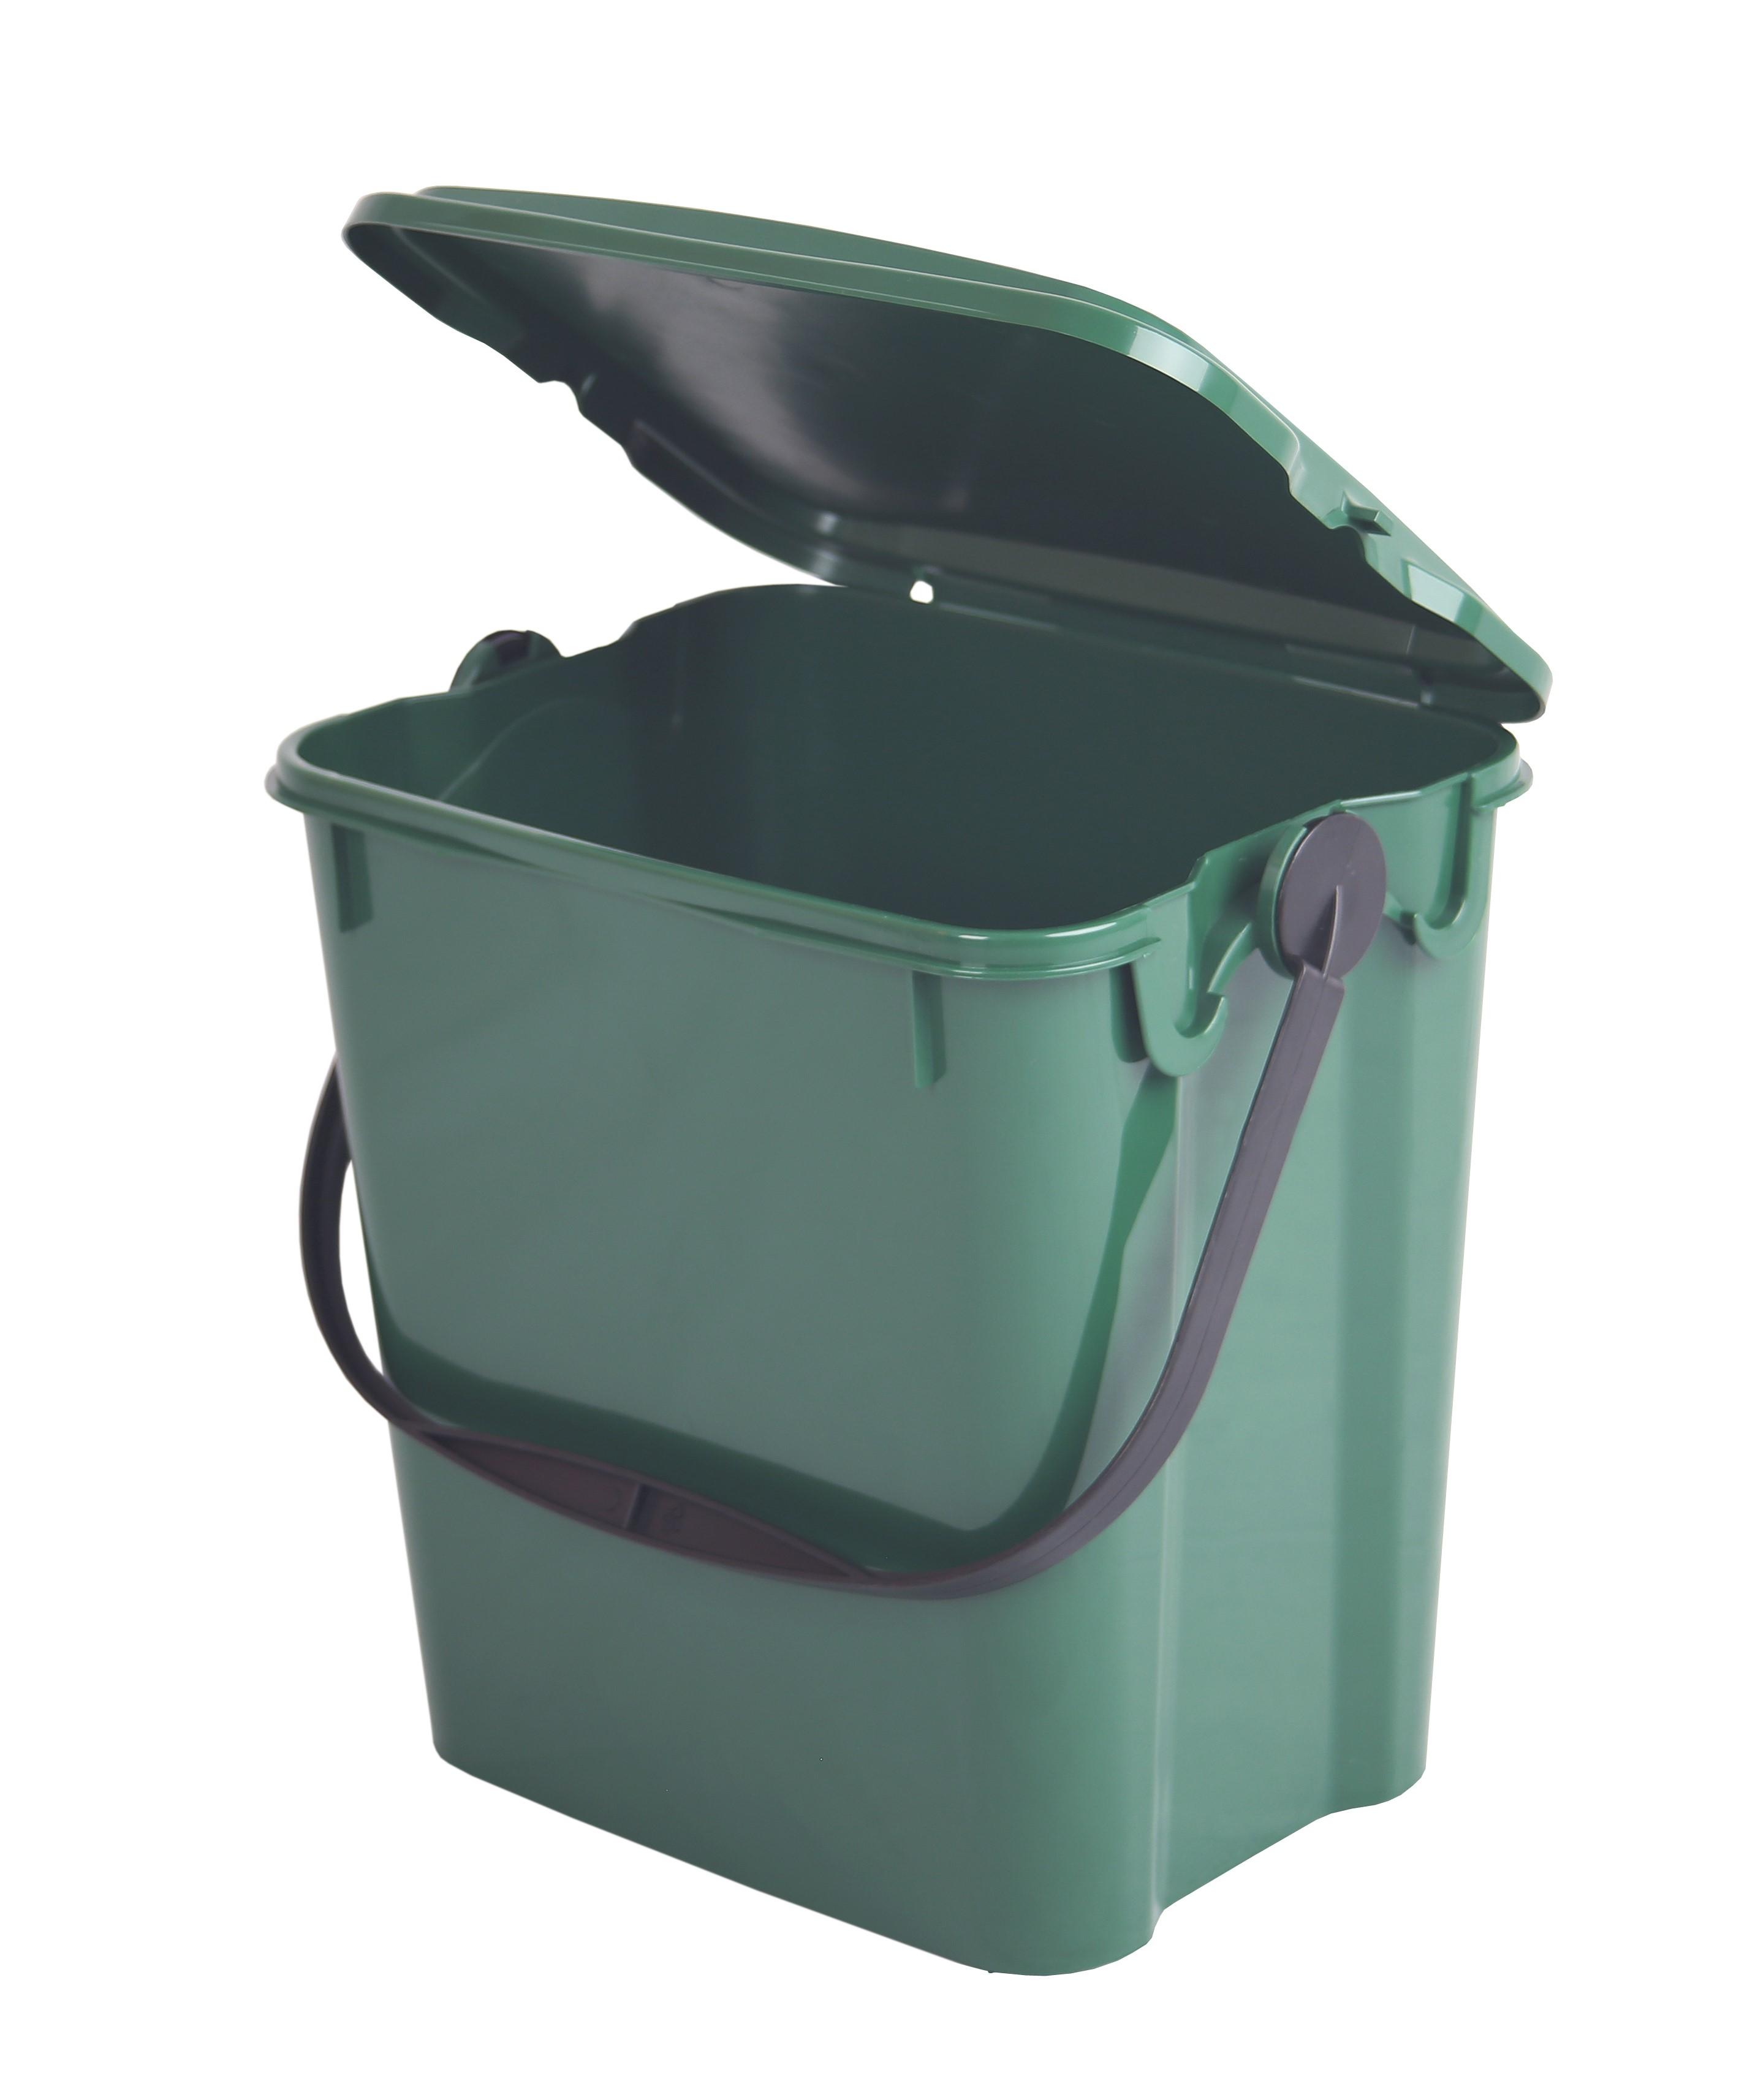 Komposteimer (Bio Mülleimer) für Biomüll in der Küche (19 l) grün